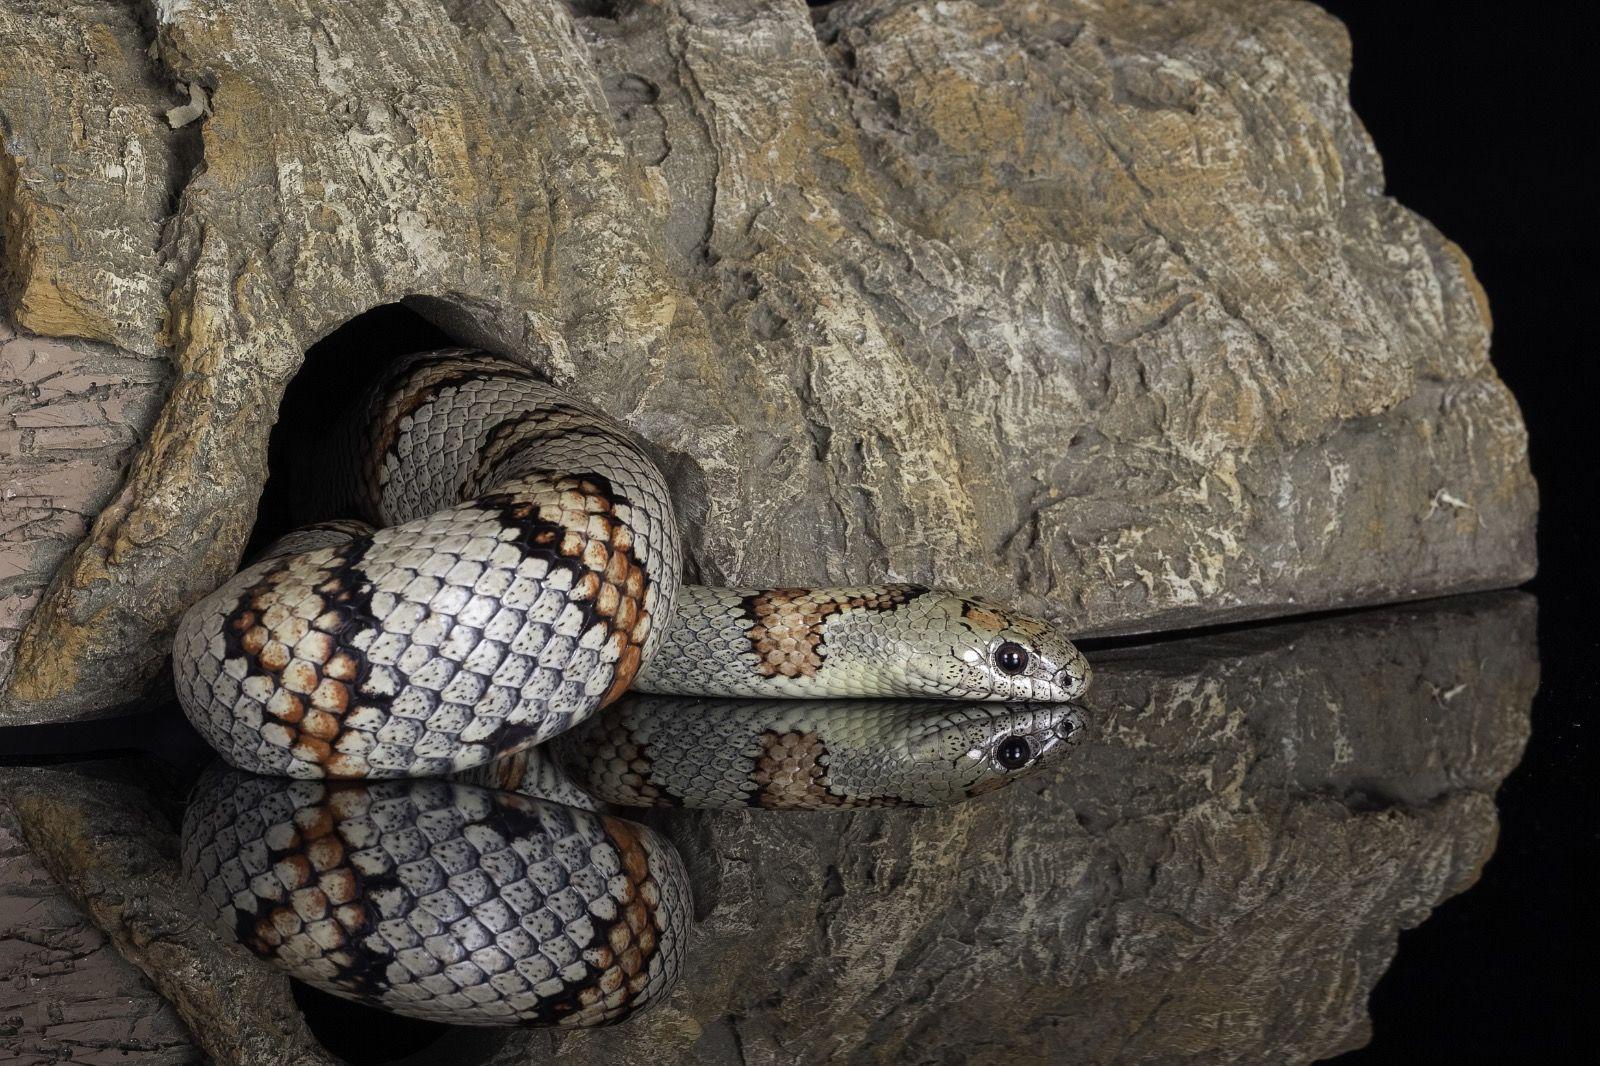 Grey Banded Snake